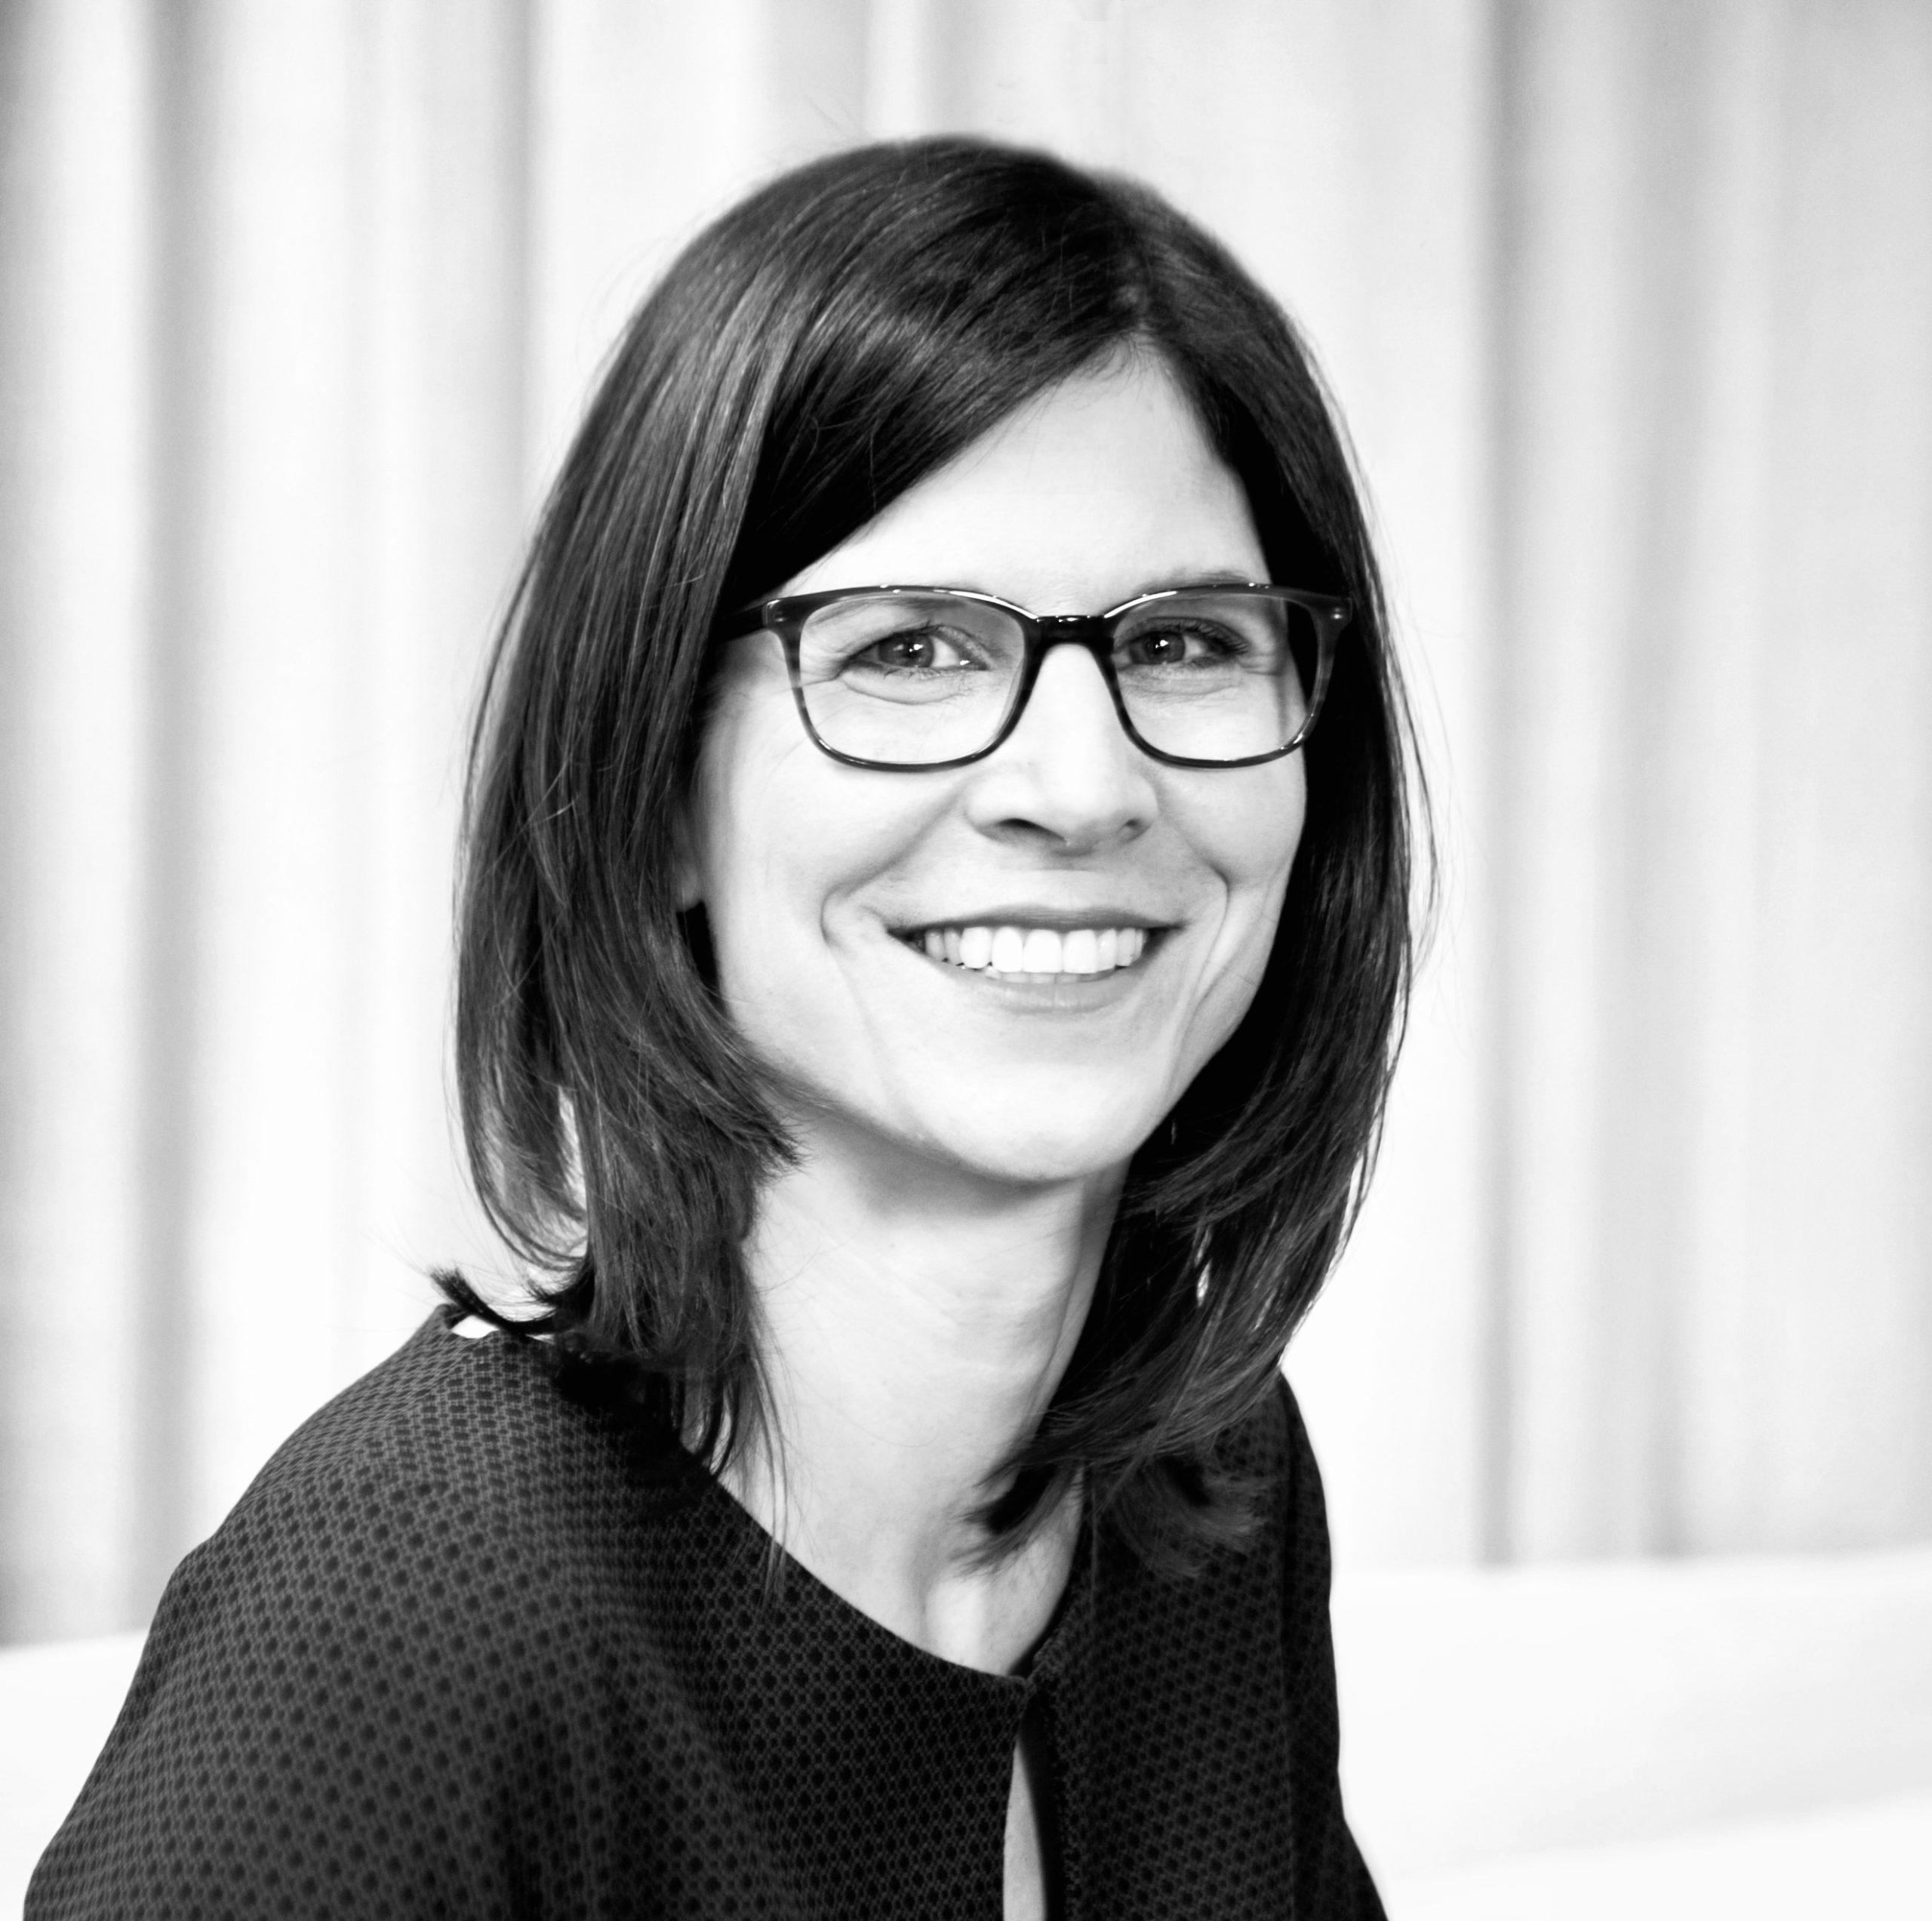 Kerstin Stolzenberg